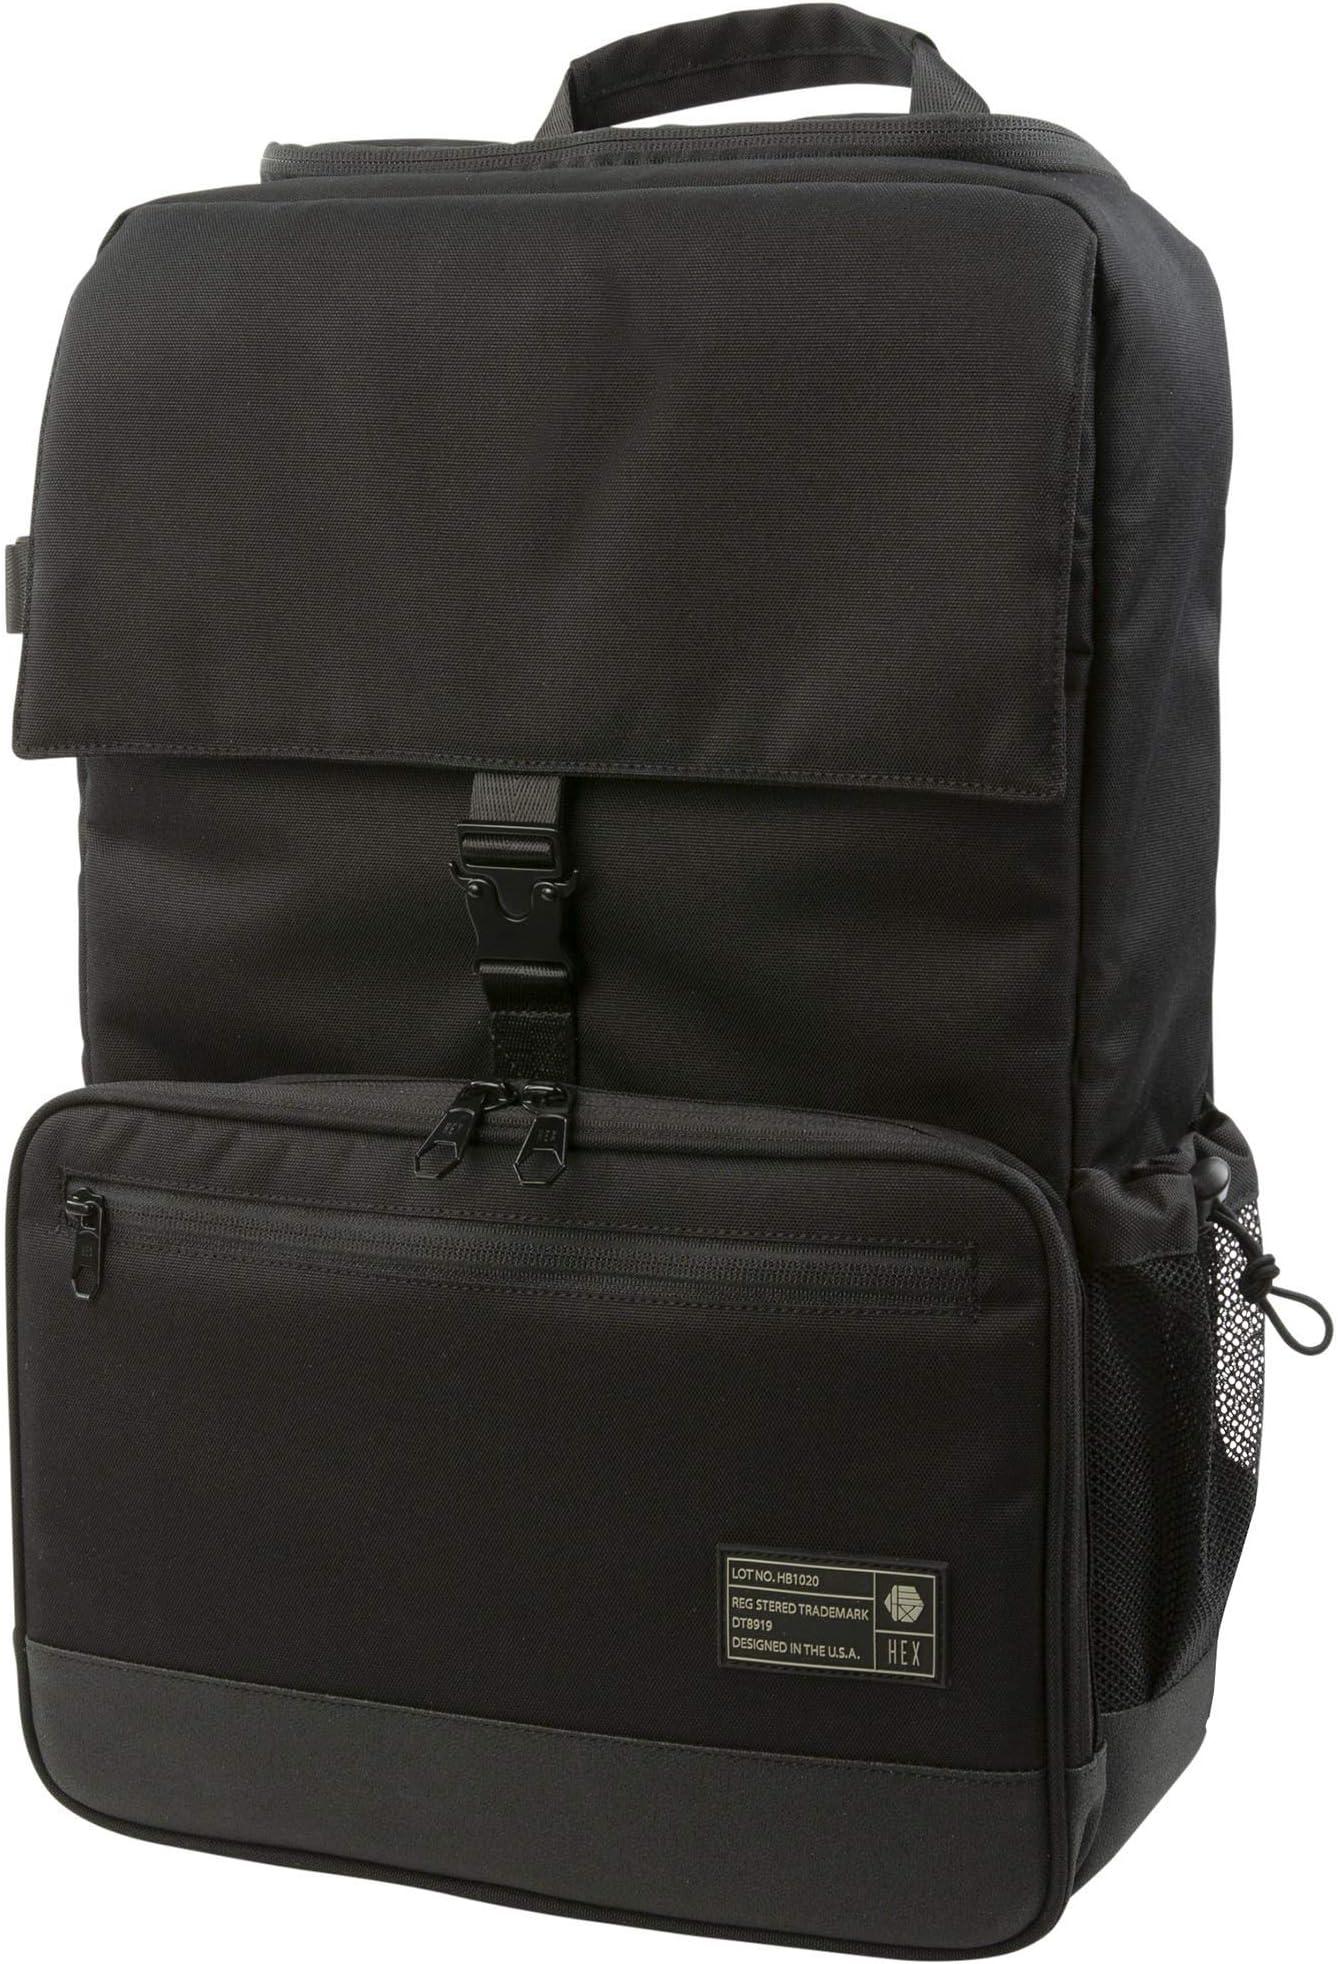 HEX Backloader DSLR Backpack, Black, with Back Loading, Tripod Straps and Adjustable Interior Dividers